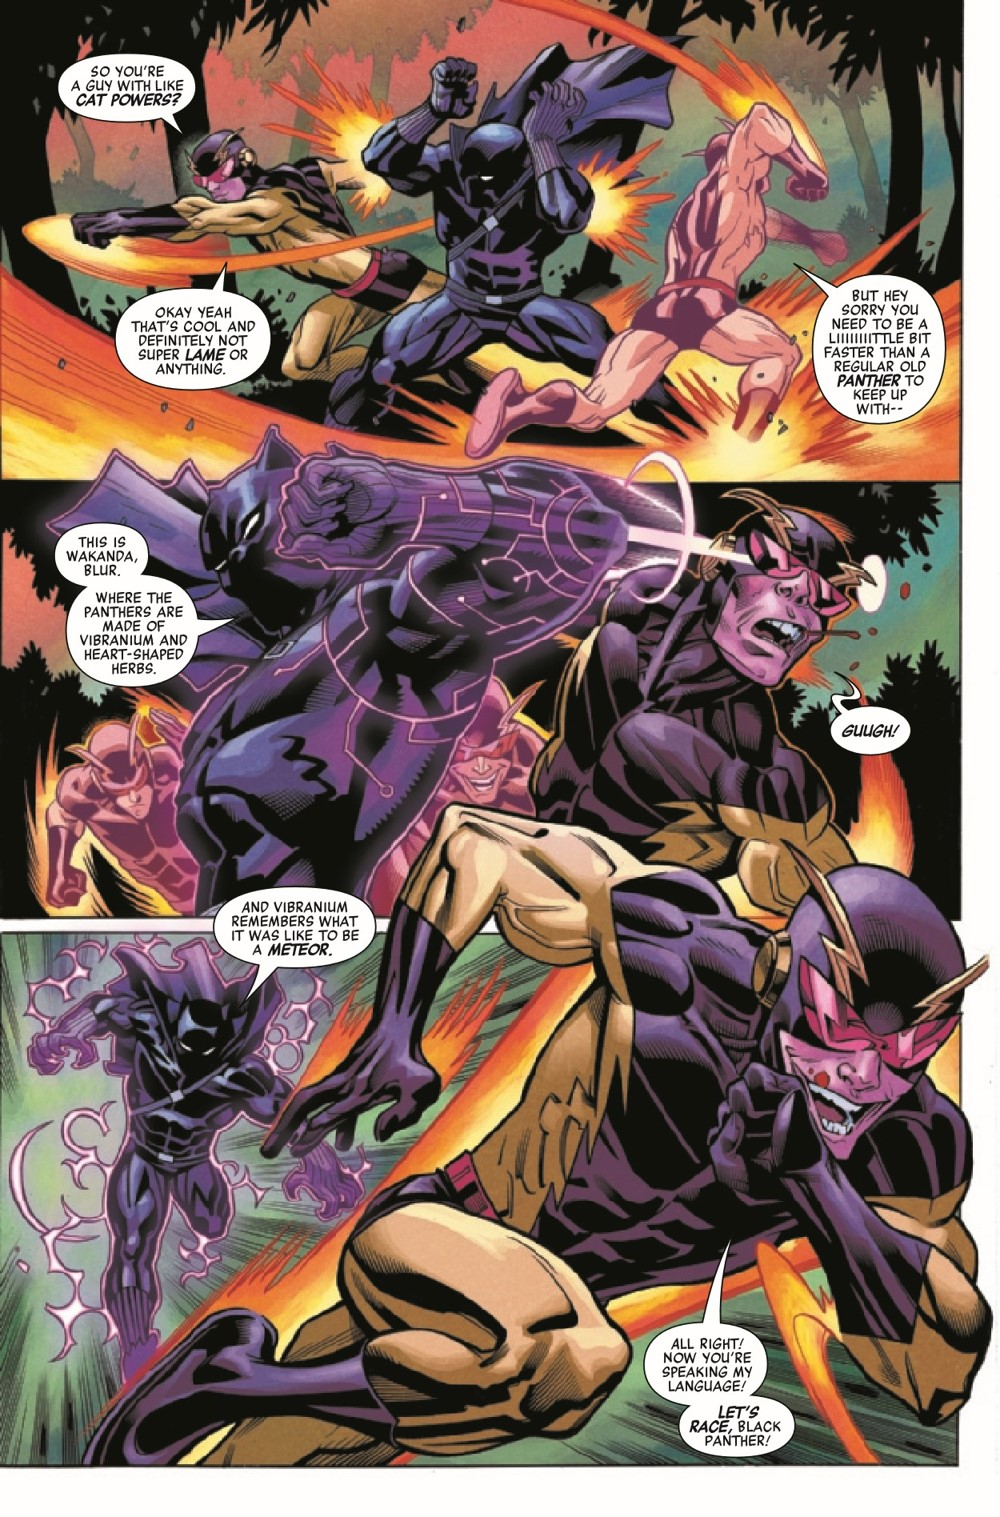 HEROESRETURN2021001_Preview-5 ComicList Previews: HEROES RETURN #1